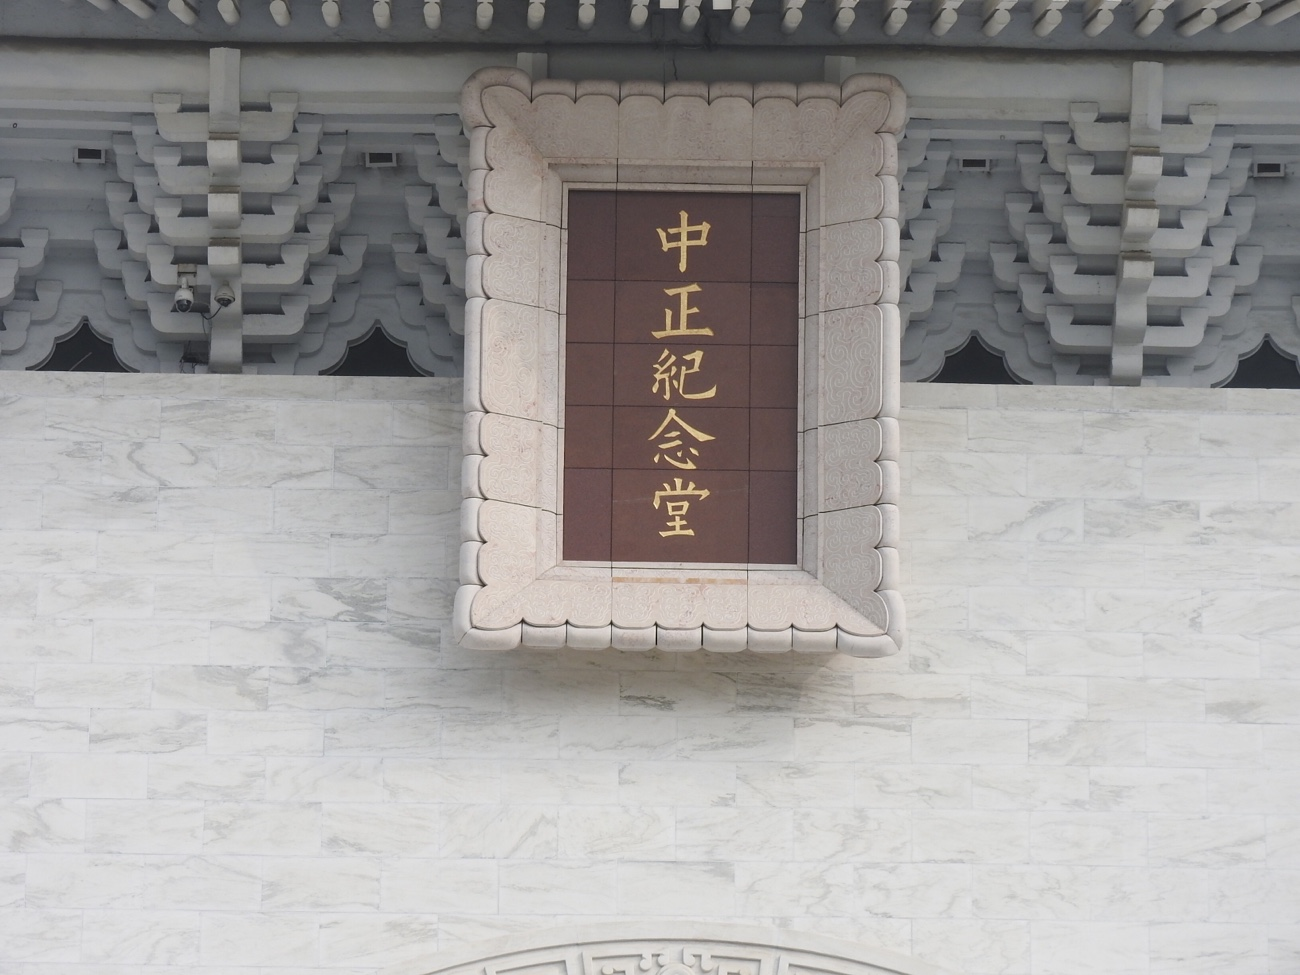 台北観光 中正記念堂の入り口 衛兵交代式場所どこ